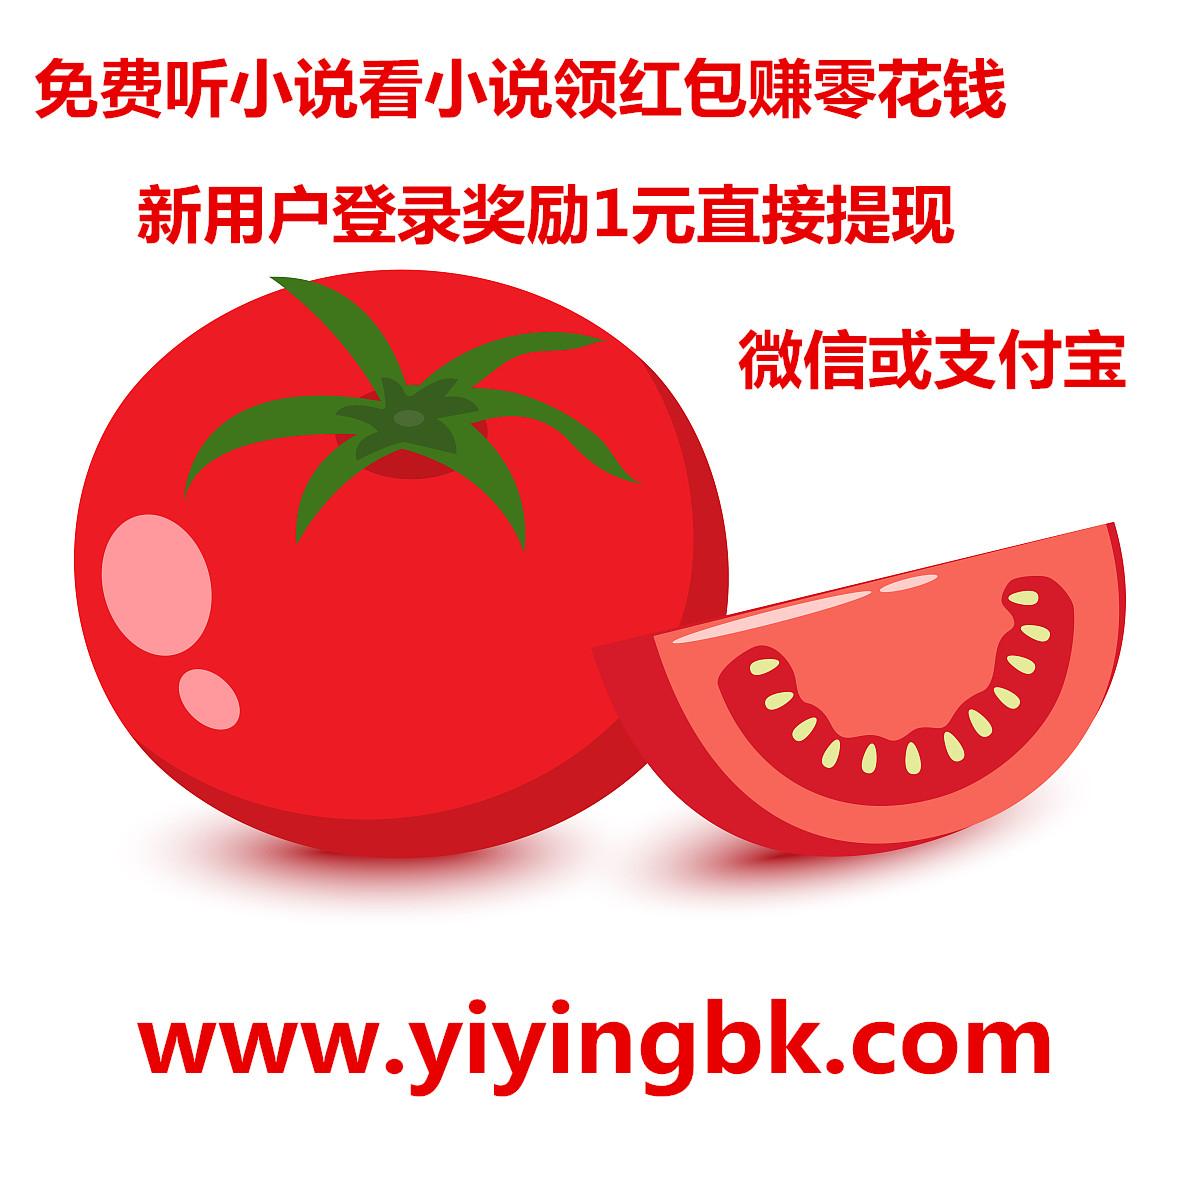 番茄畅听:免费听小说看小说领红包赚零花钱,微信支付宝1元就能提现